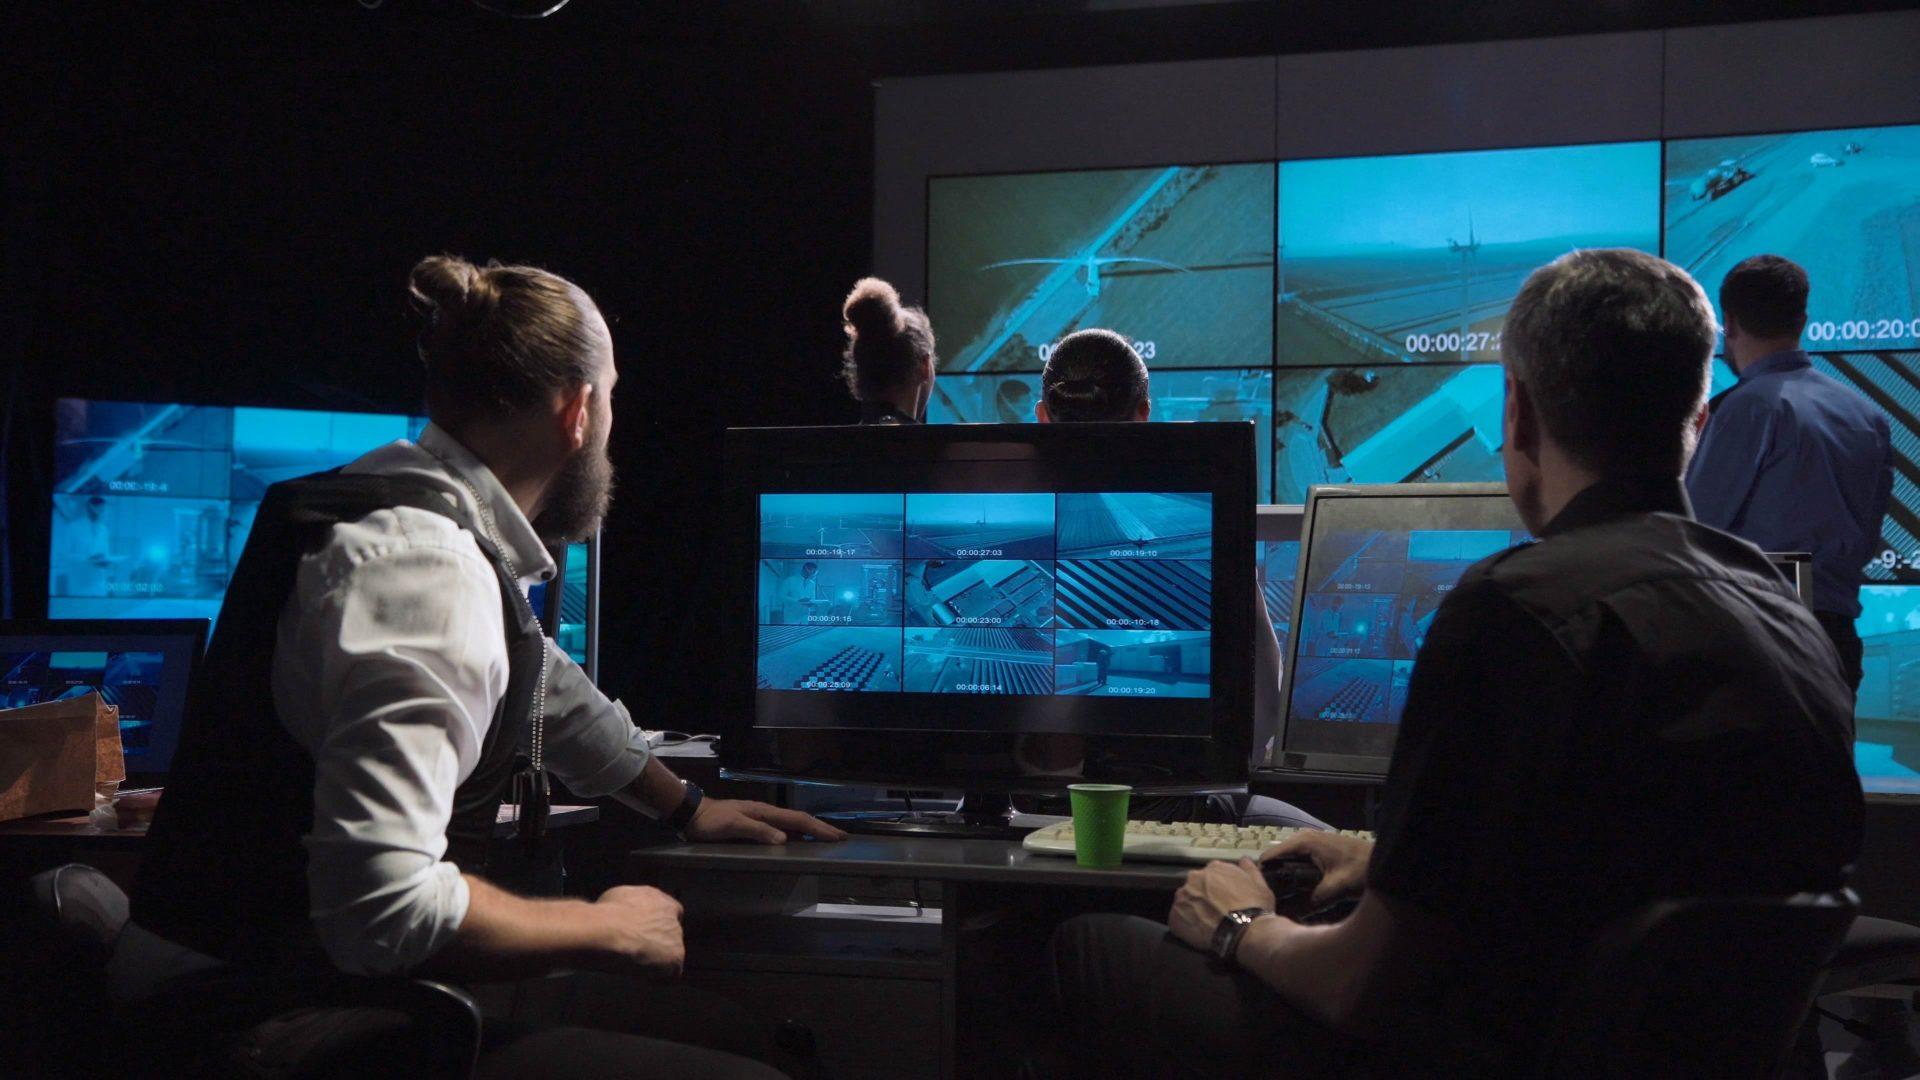 ssg control room